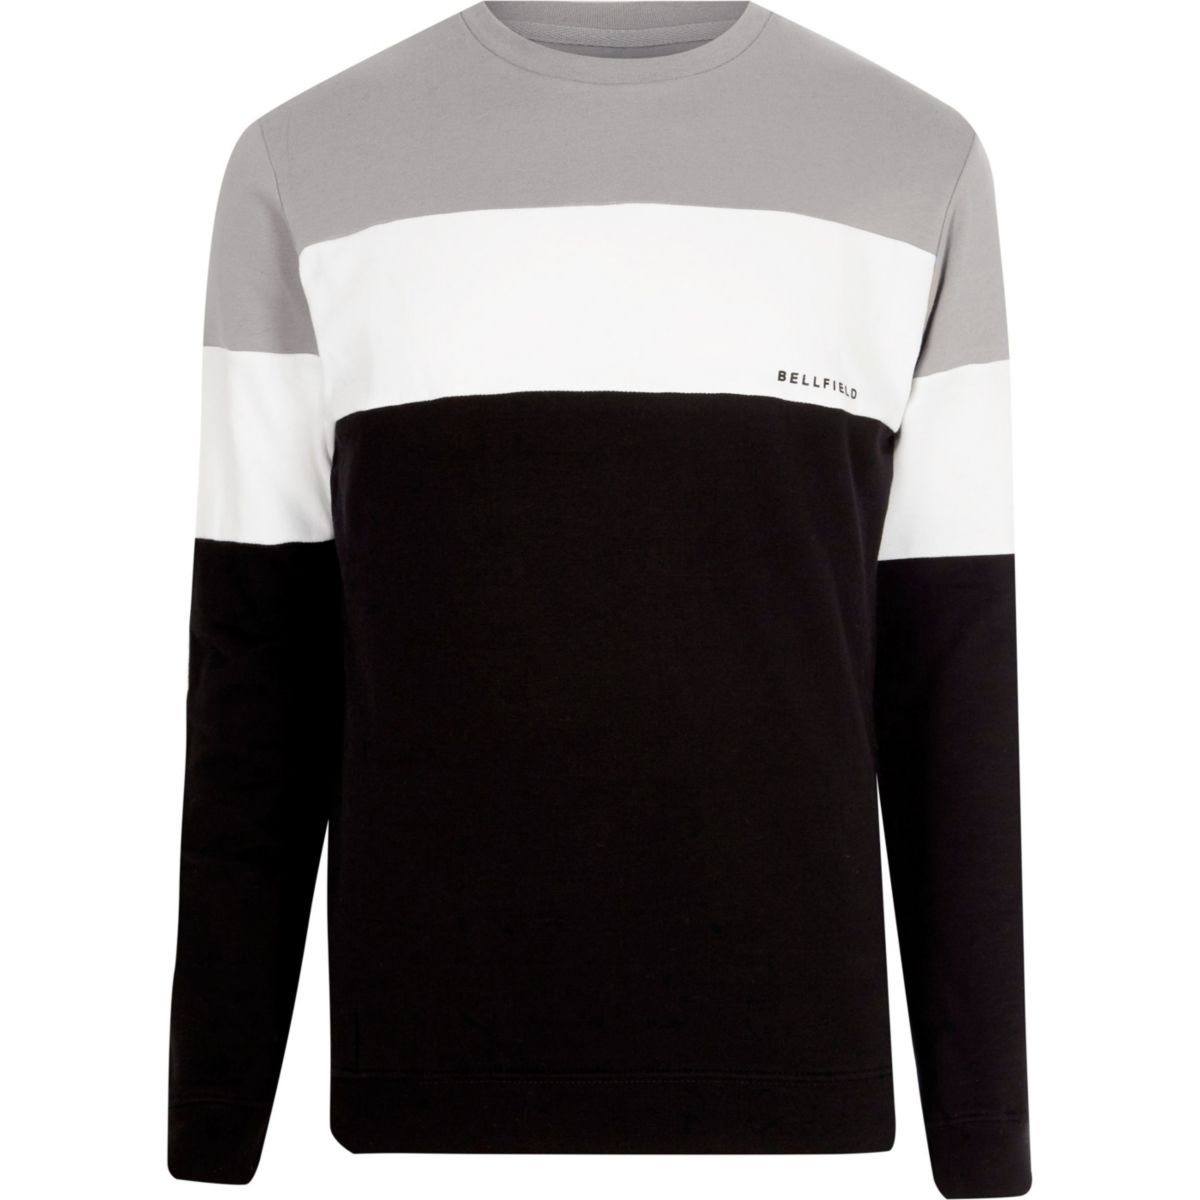 Bellfield – Graues Sweatshirt in Blockfarben